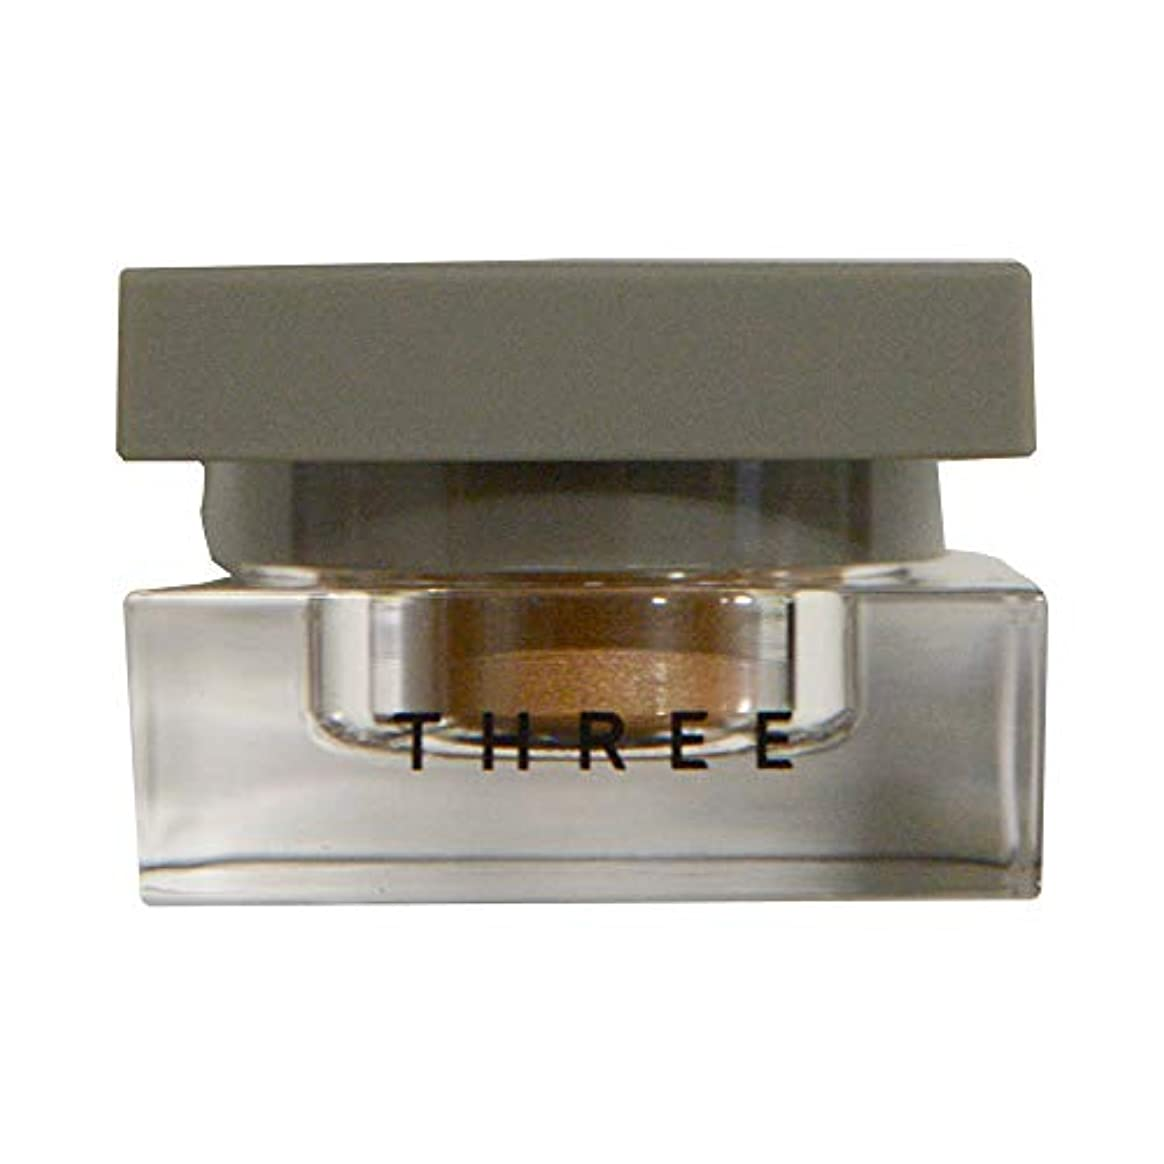 THREE(スリー) デアリングヴォヤージャー#04 DARE TO TRY (限定)[ アイシャドウ ] [並行輸入品]